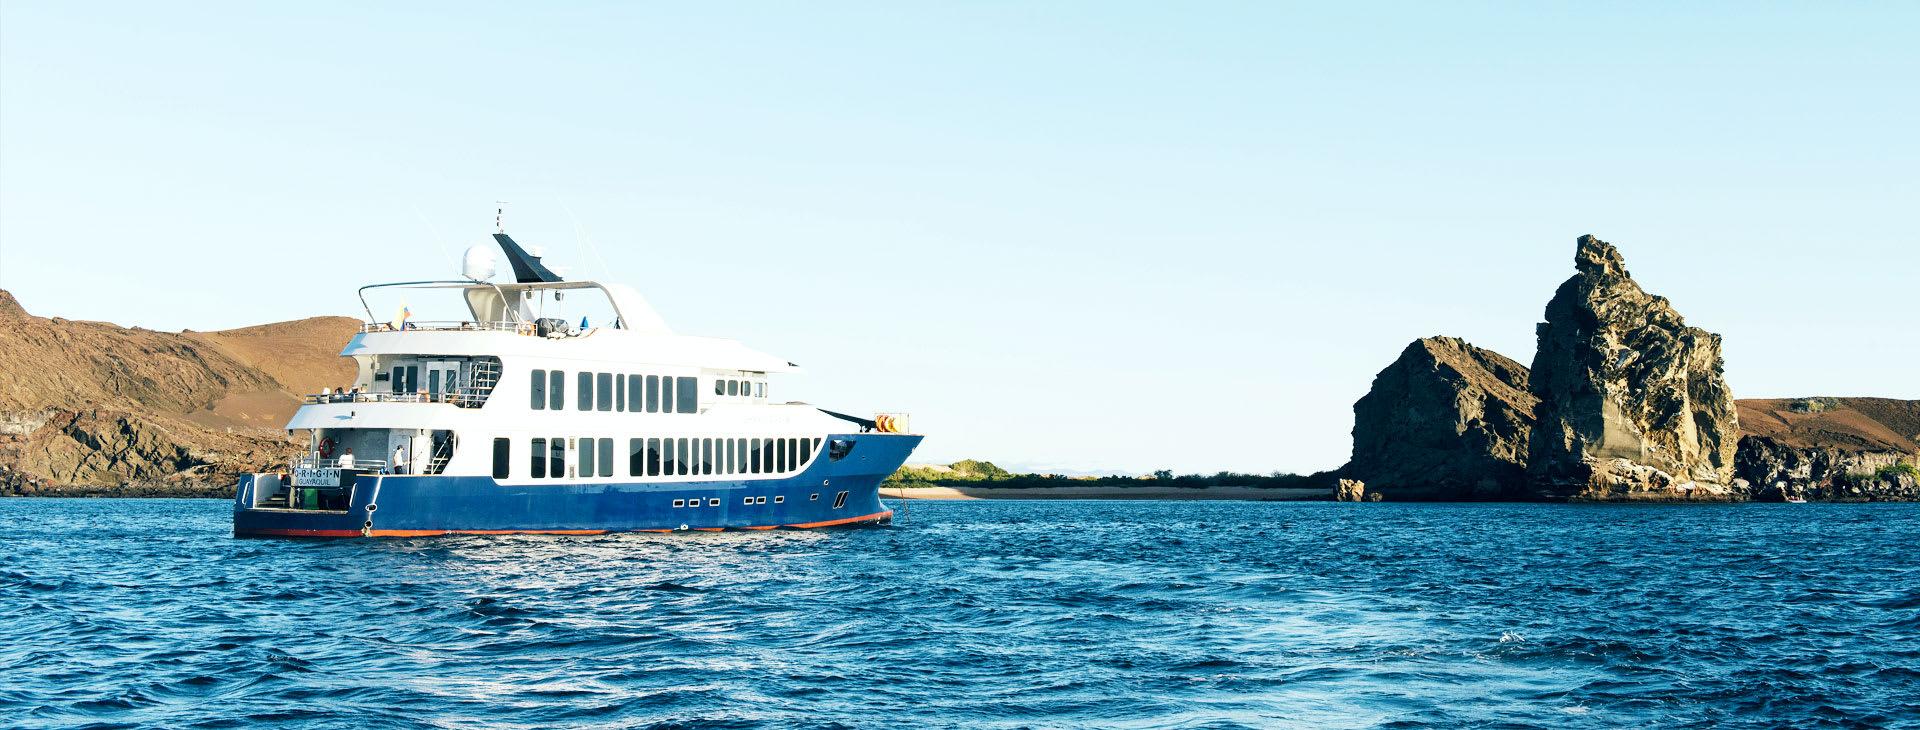 Orogin ship at sea